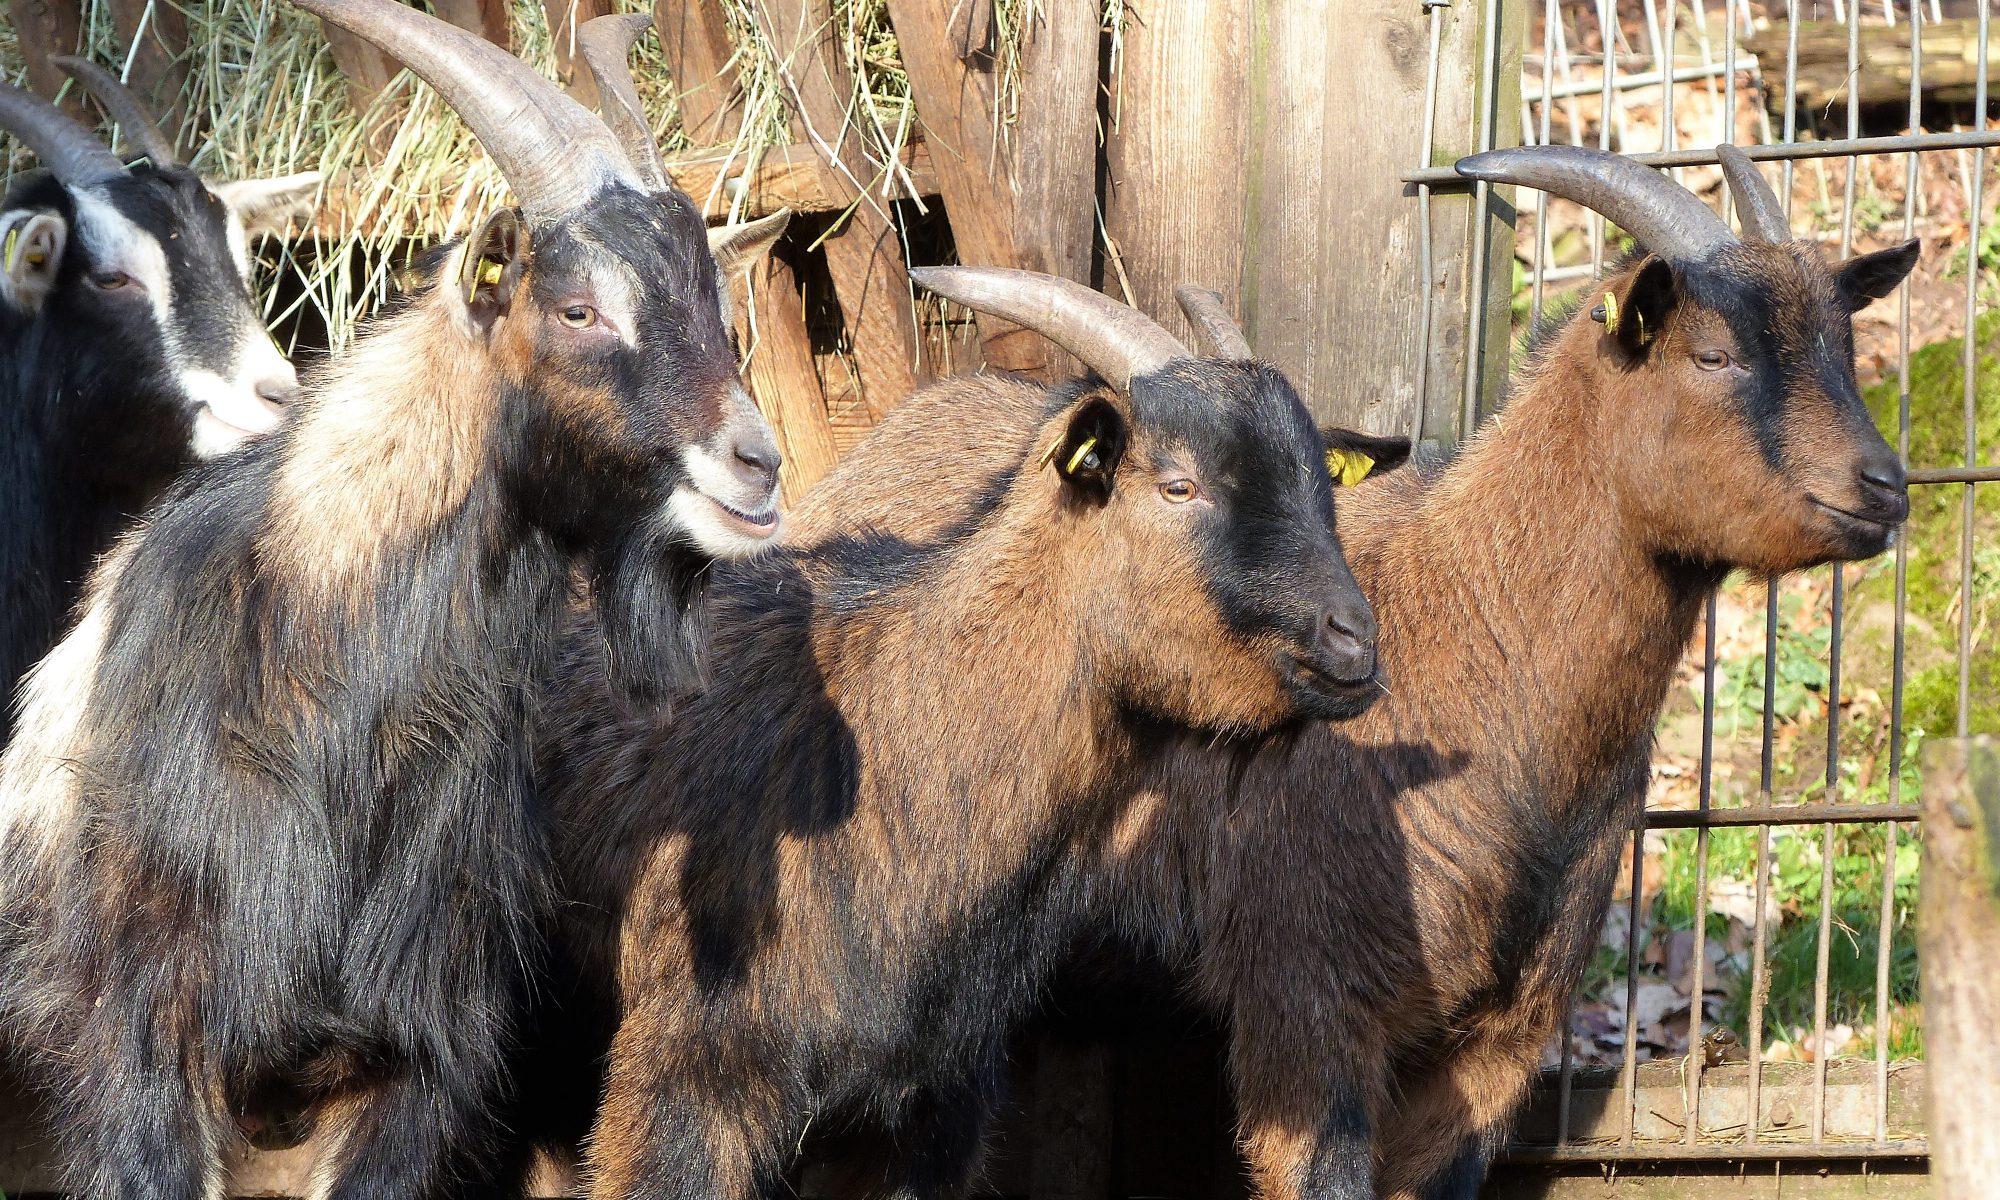 Vier neugierige Zwergziegen halten Ausschau nach Besuchern.